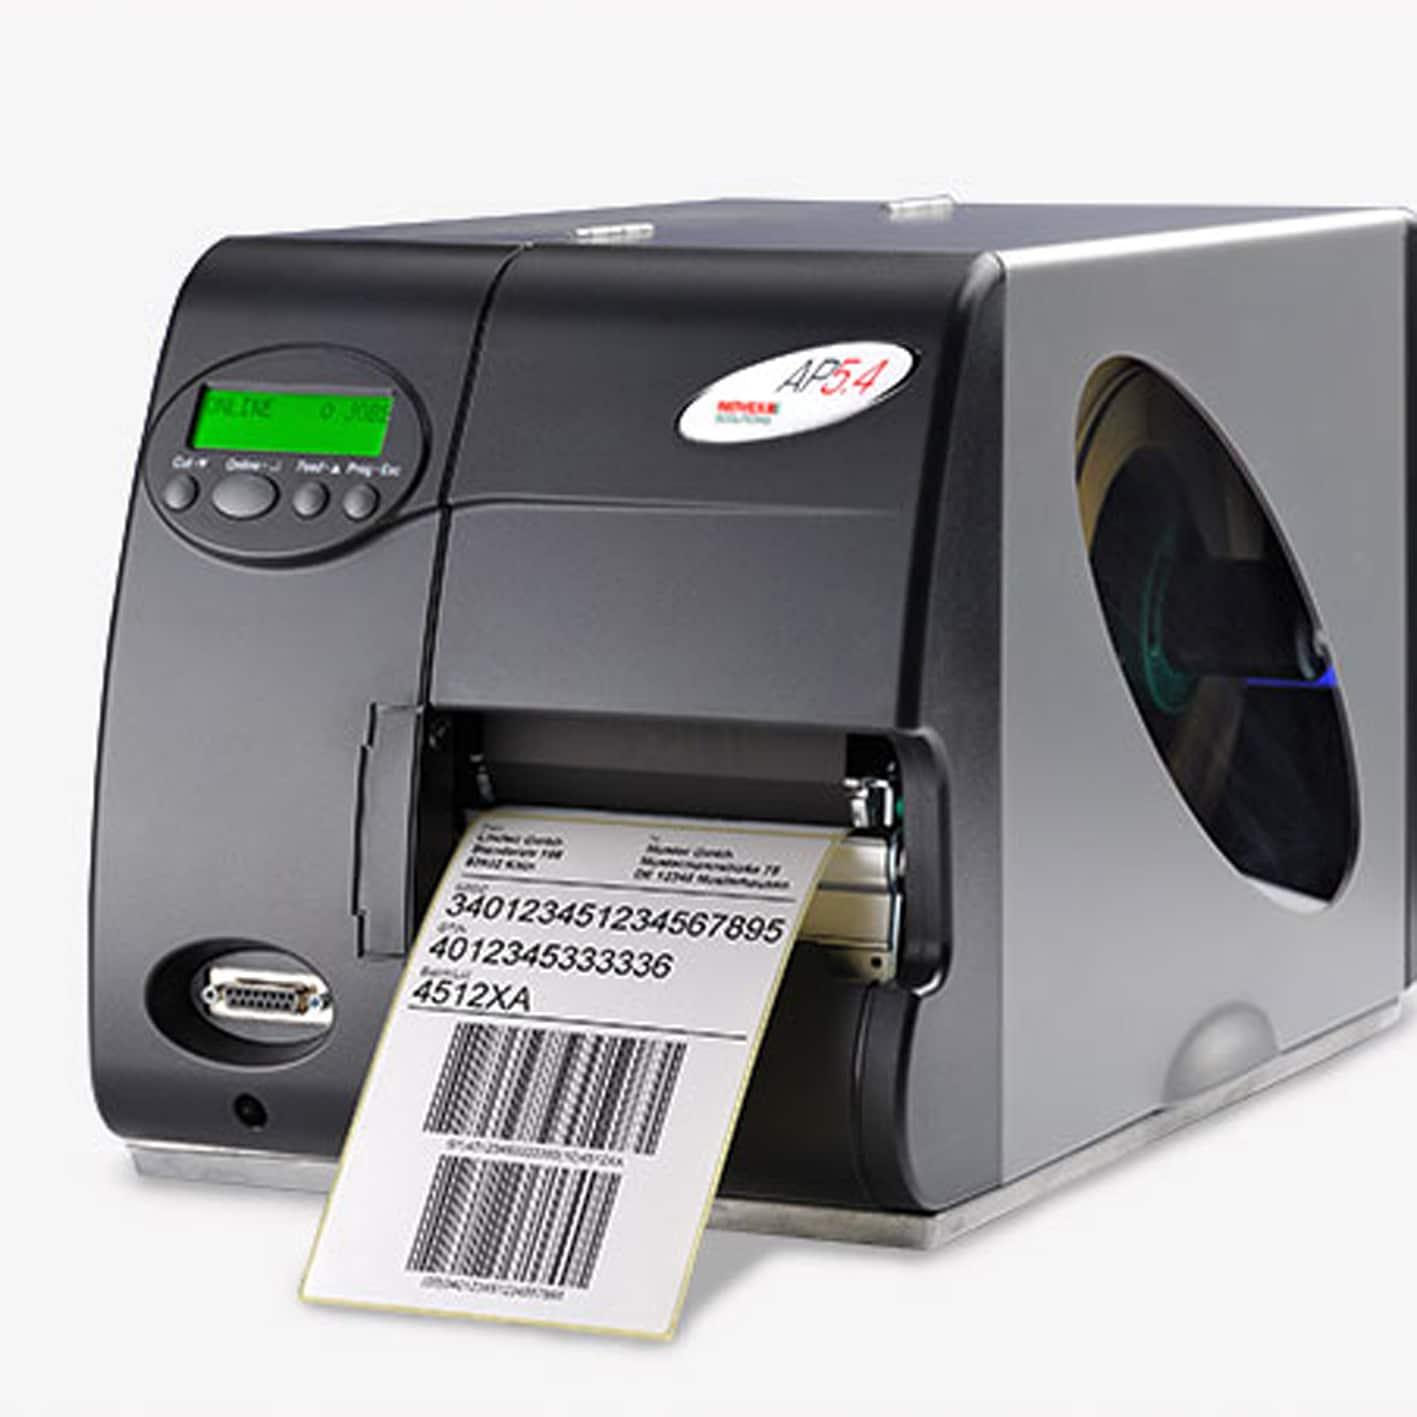 Imprimante d'étiquettes industrielle Avery AP5.4-ALPHAPRINT